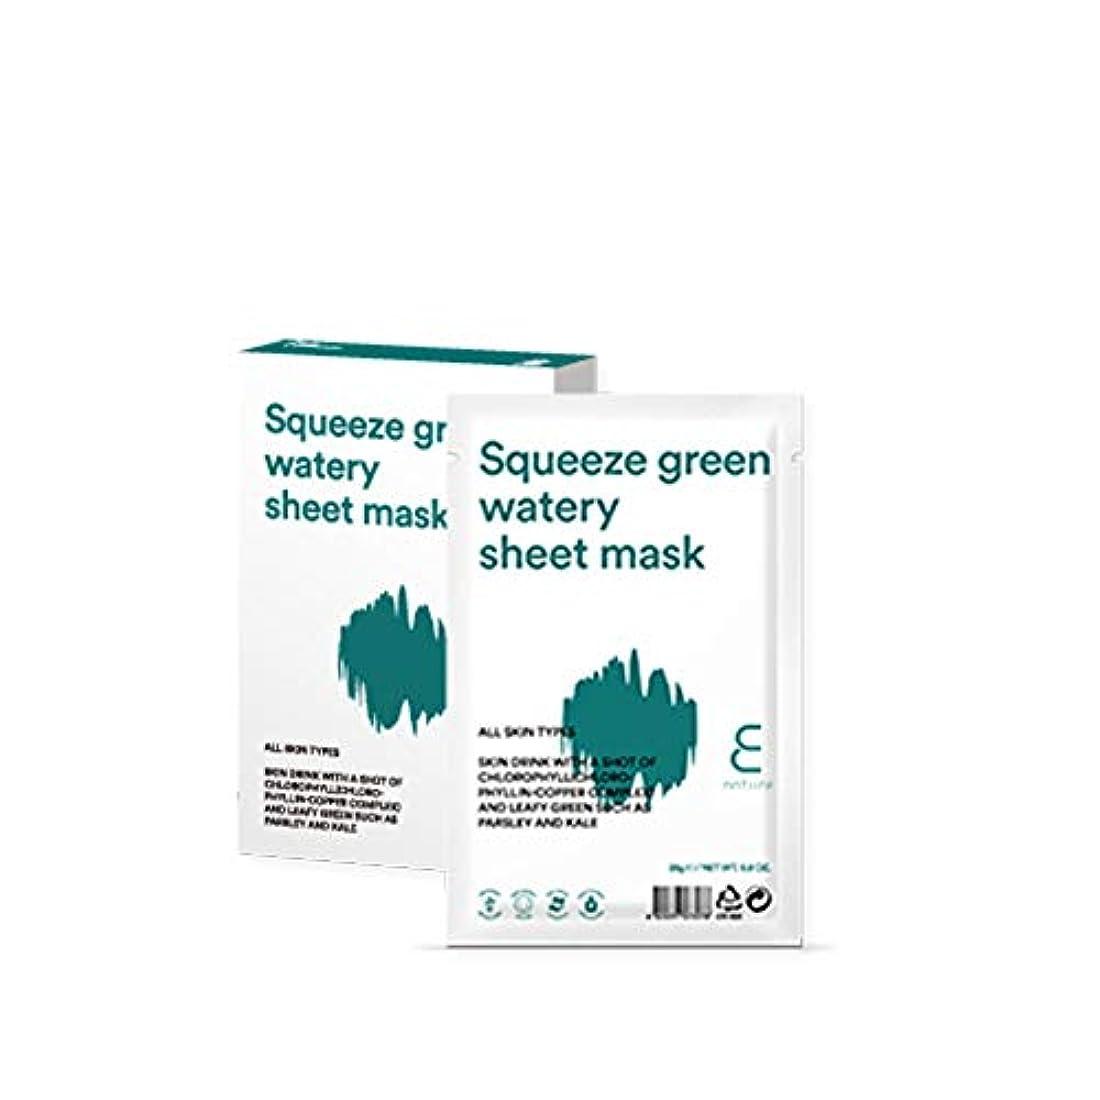 統治する結核ほのめかす【ENATURE 日本公式サイト】スクィーズグリーンウォータリーシートマスク 25gx10枚 韓国コスメ スキンケア